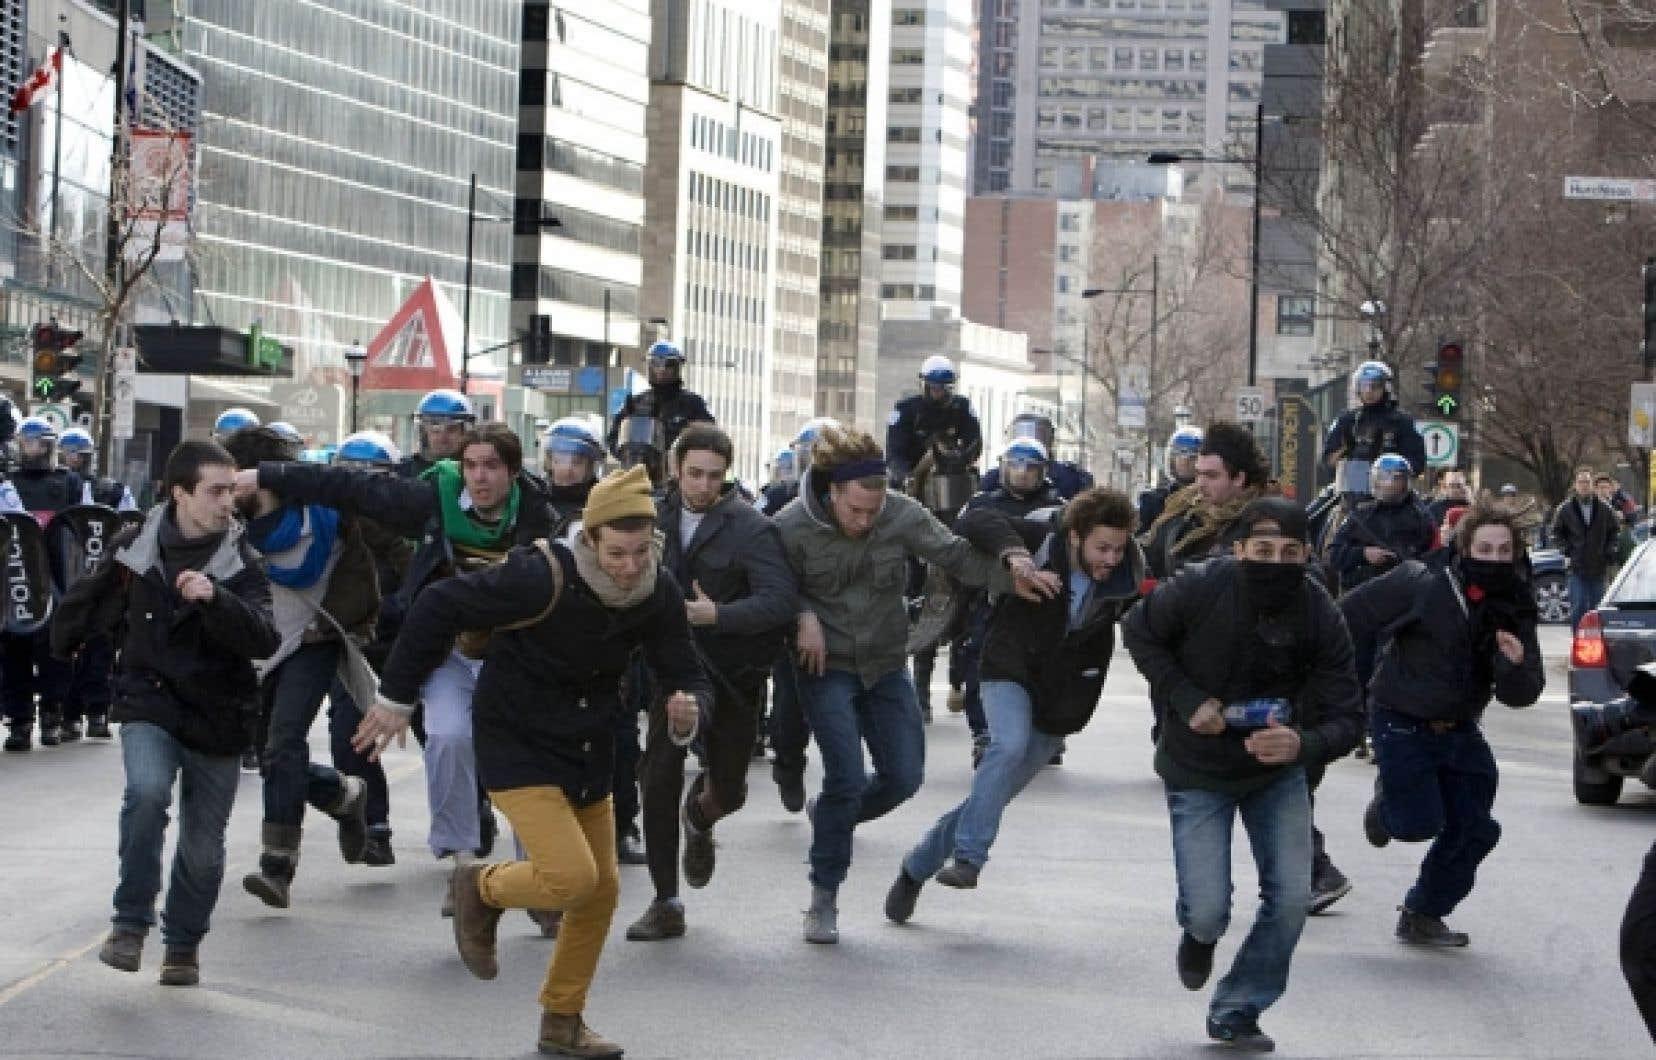 L'atmosphère était plutôt festive au départ de la manifestation étudiante, mais cela n'a pas empêché les policiers d'assurer une haute surveillance, à pied, à vélo, à cheval et en hélicoptère.<br />